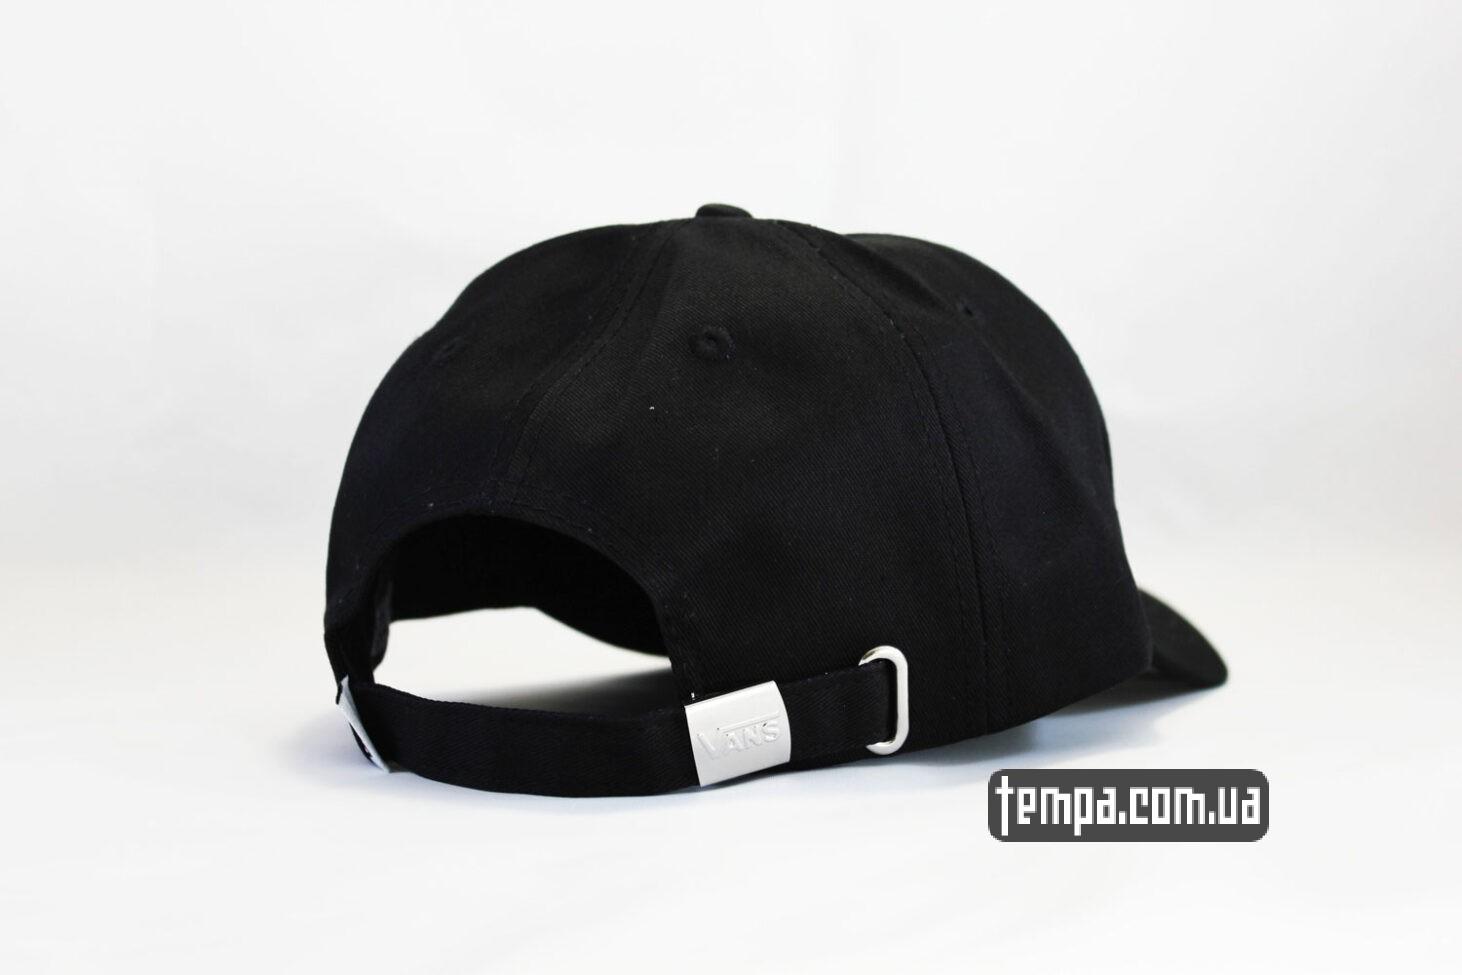 скетбординг VANS OFF THE WALL black cap черная кепка купить